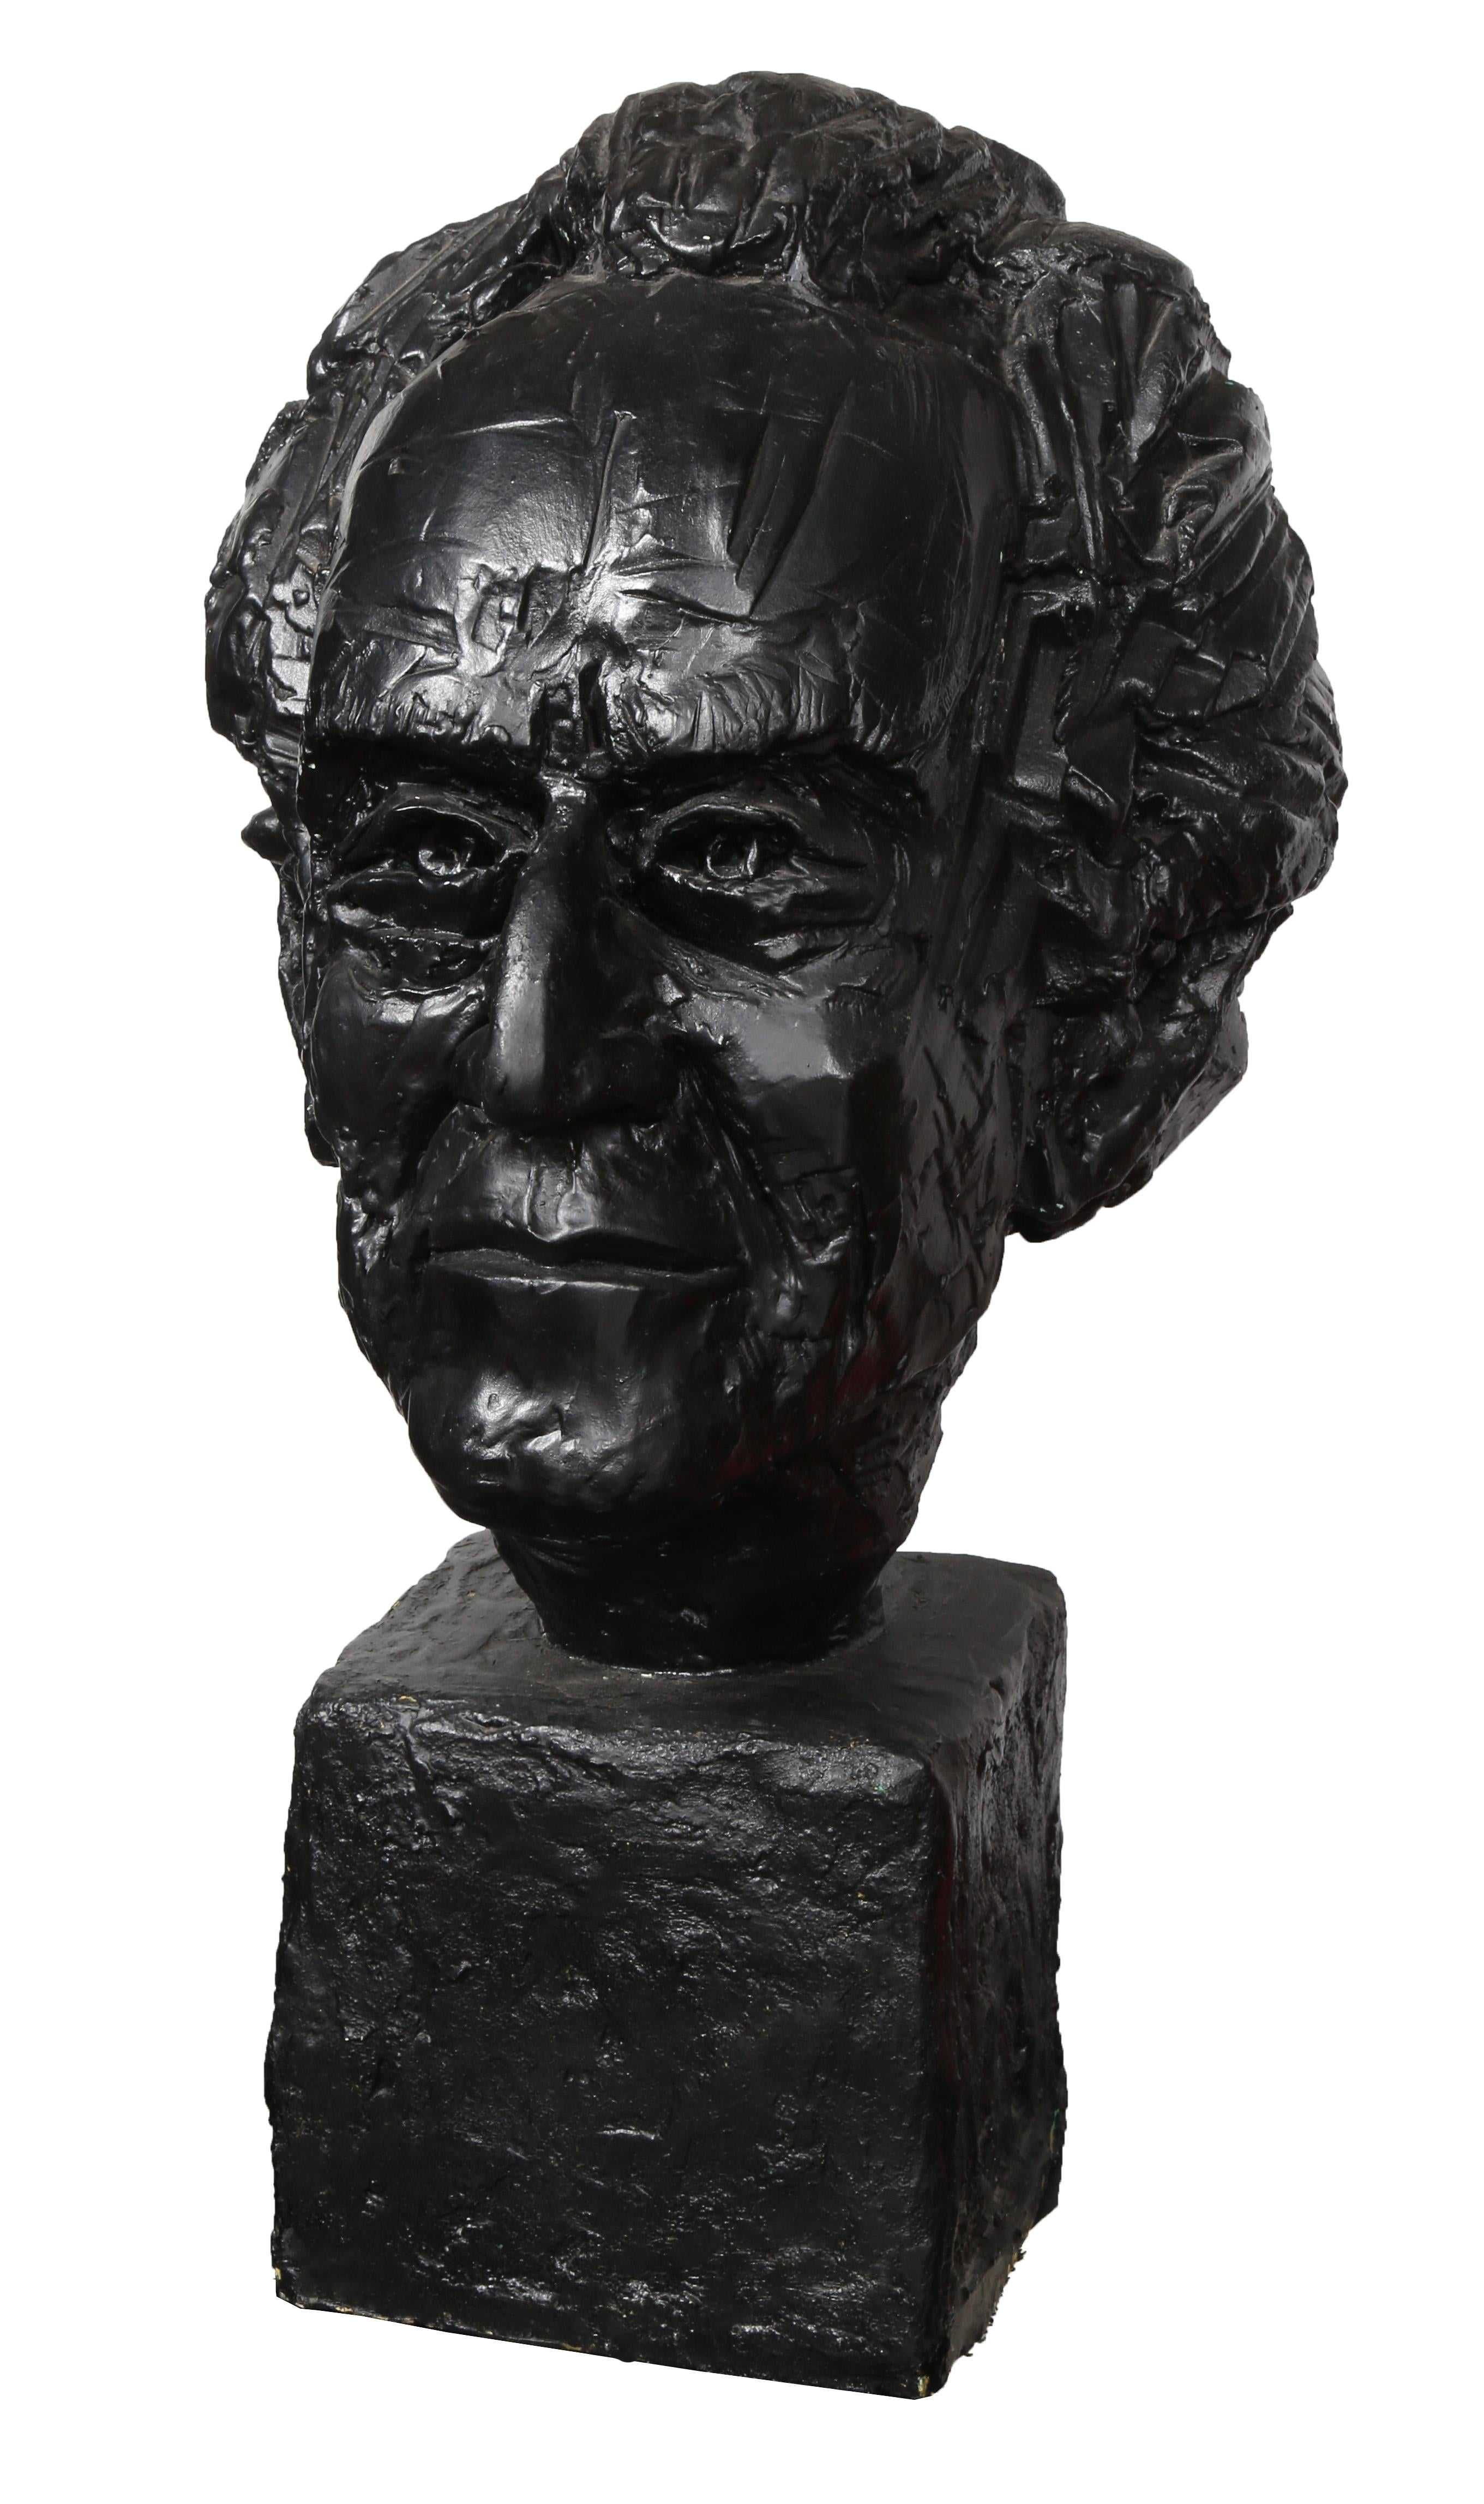 Bust of Alberto Giacometti, Sculpture by Paul von Ringelheim